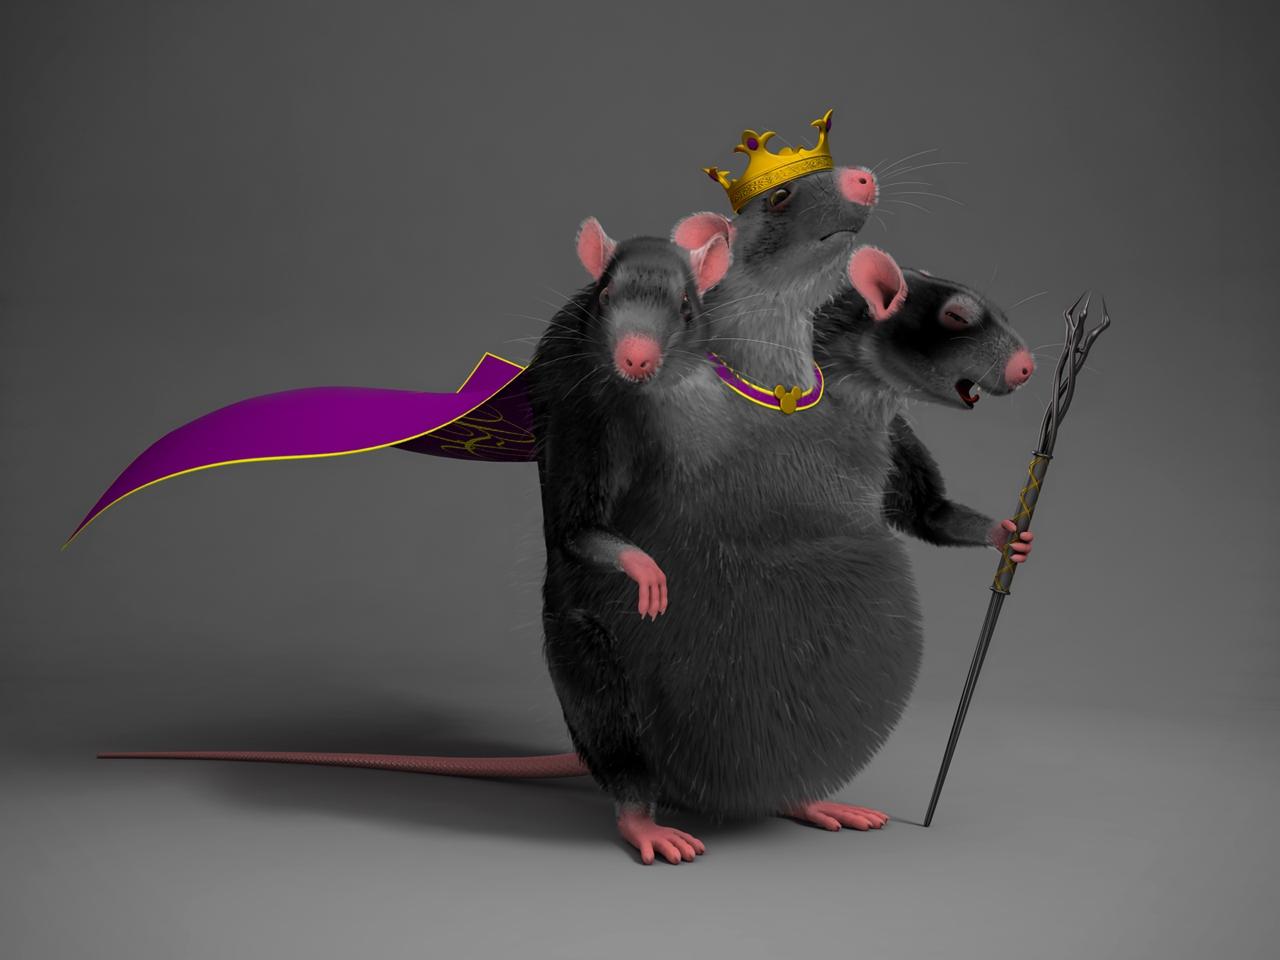 бархан картинка крысиного короля руках вольфрамовые